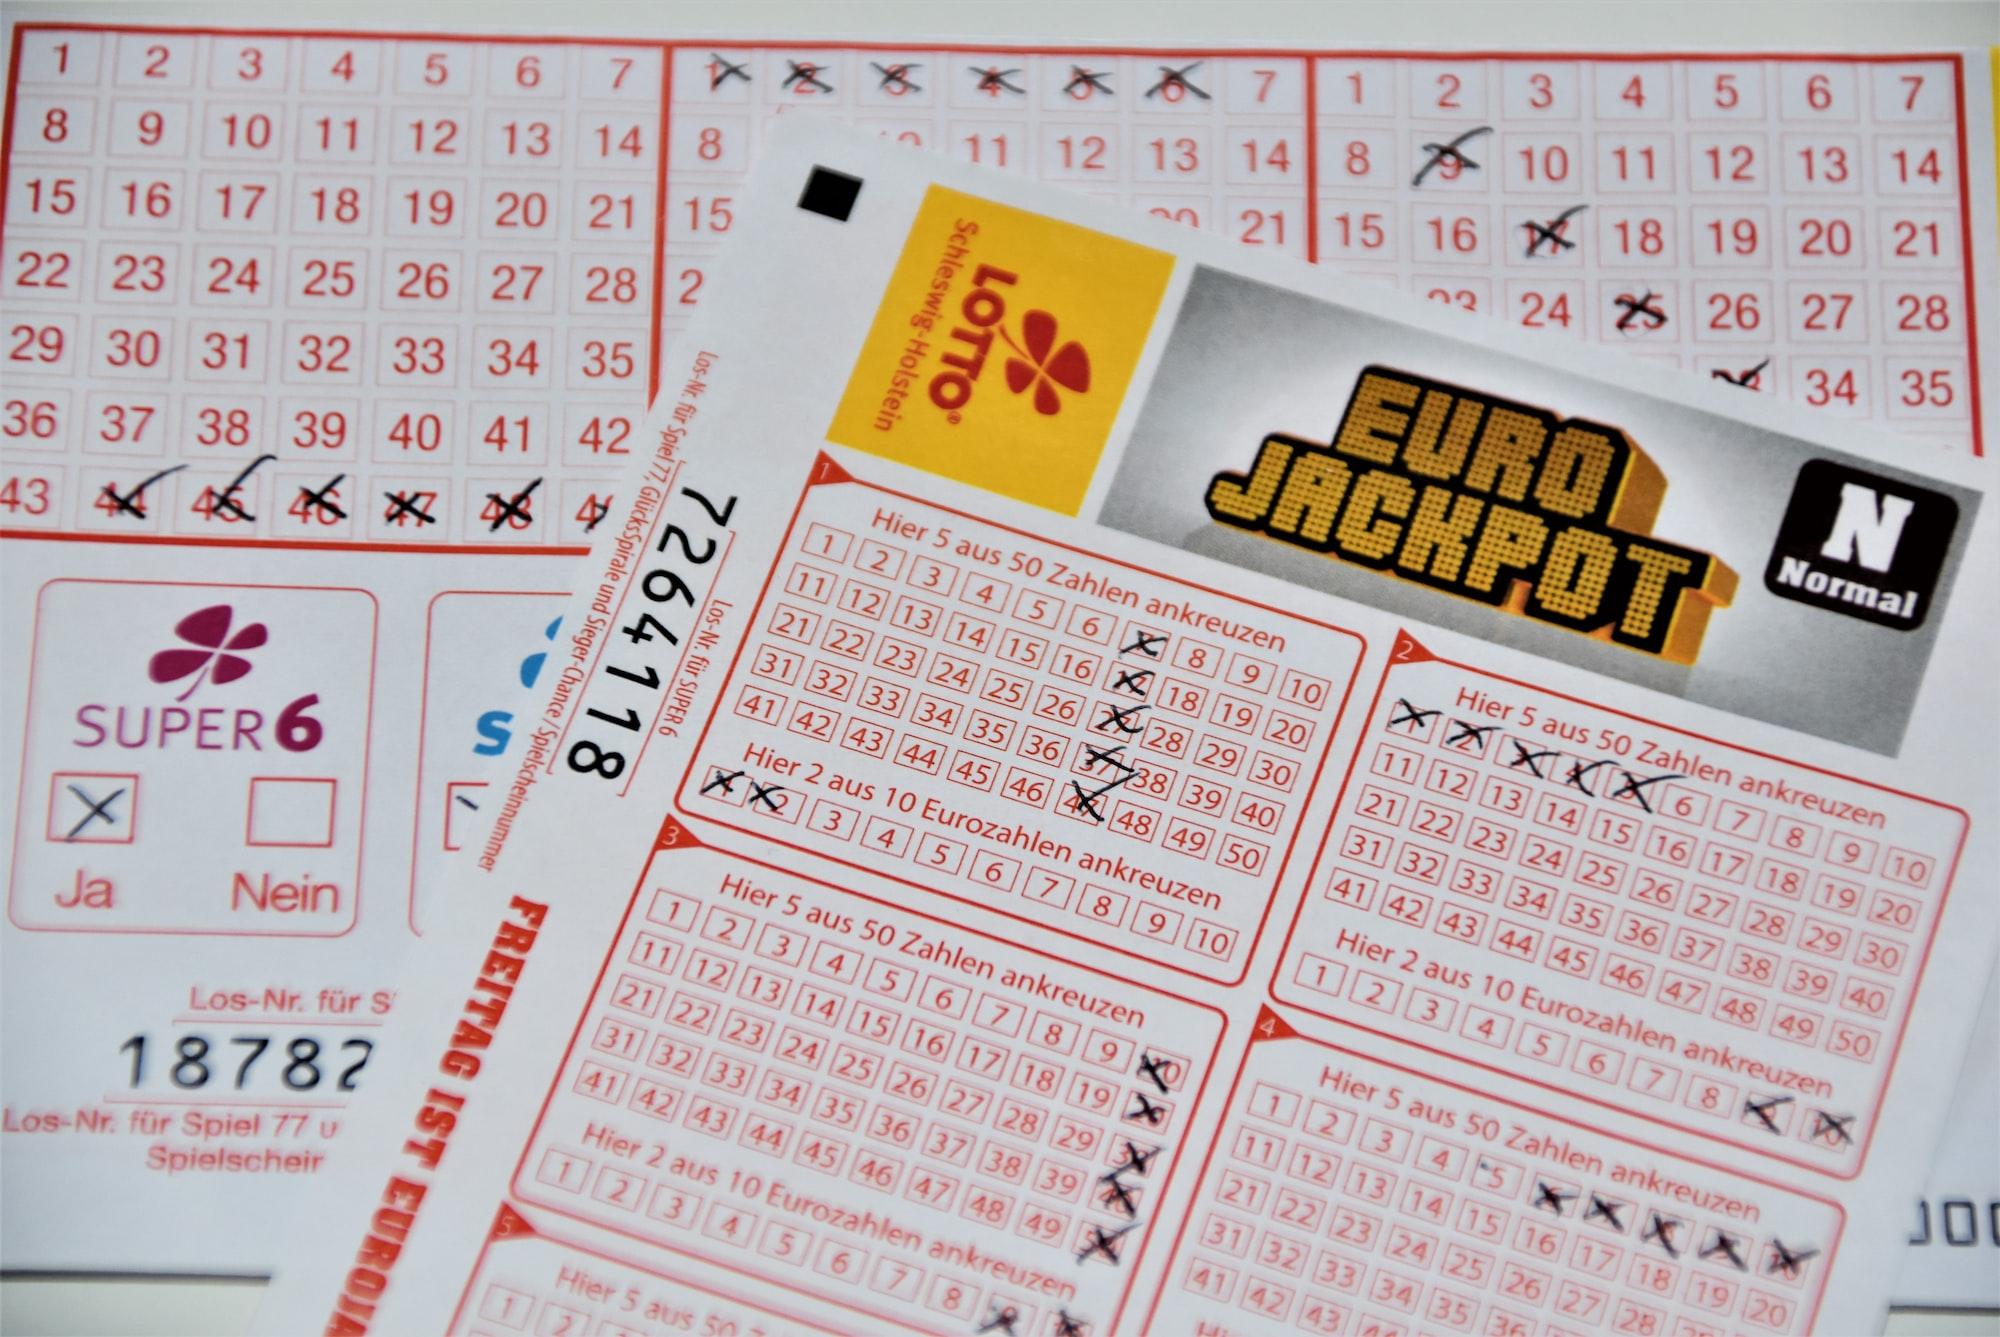 Estrazioni Lotto, Superenalotto e 10eLotto 20/03/21: i numeri vincenti